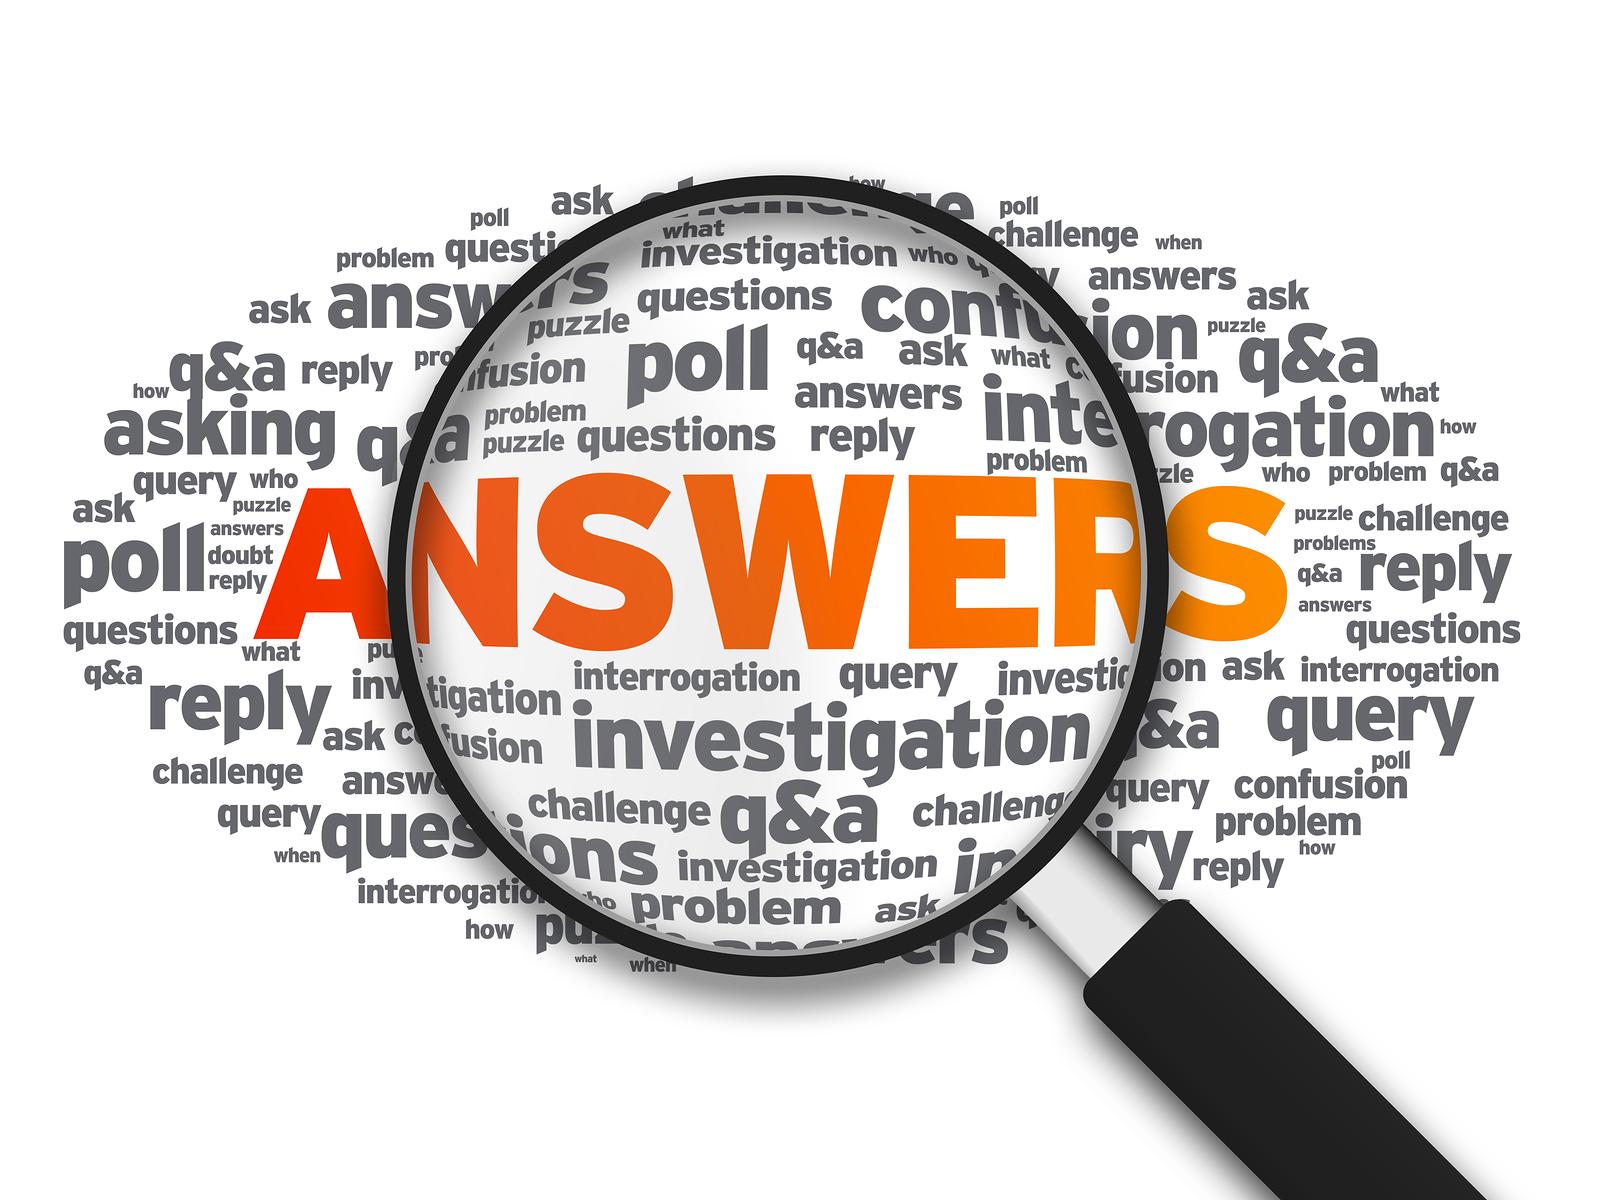 Huis kopen aan de Costa del Sol: antwoord op veelgestelde vragen Magnifying Glass - Answers